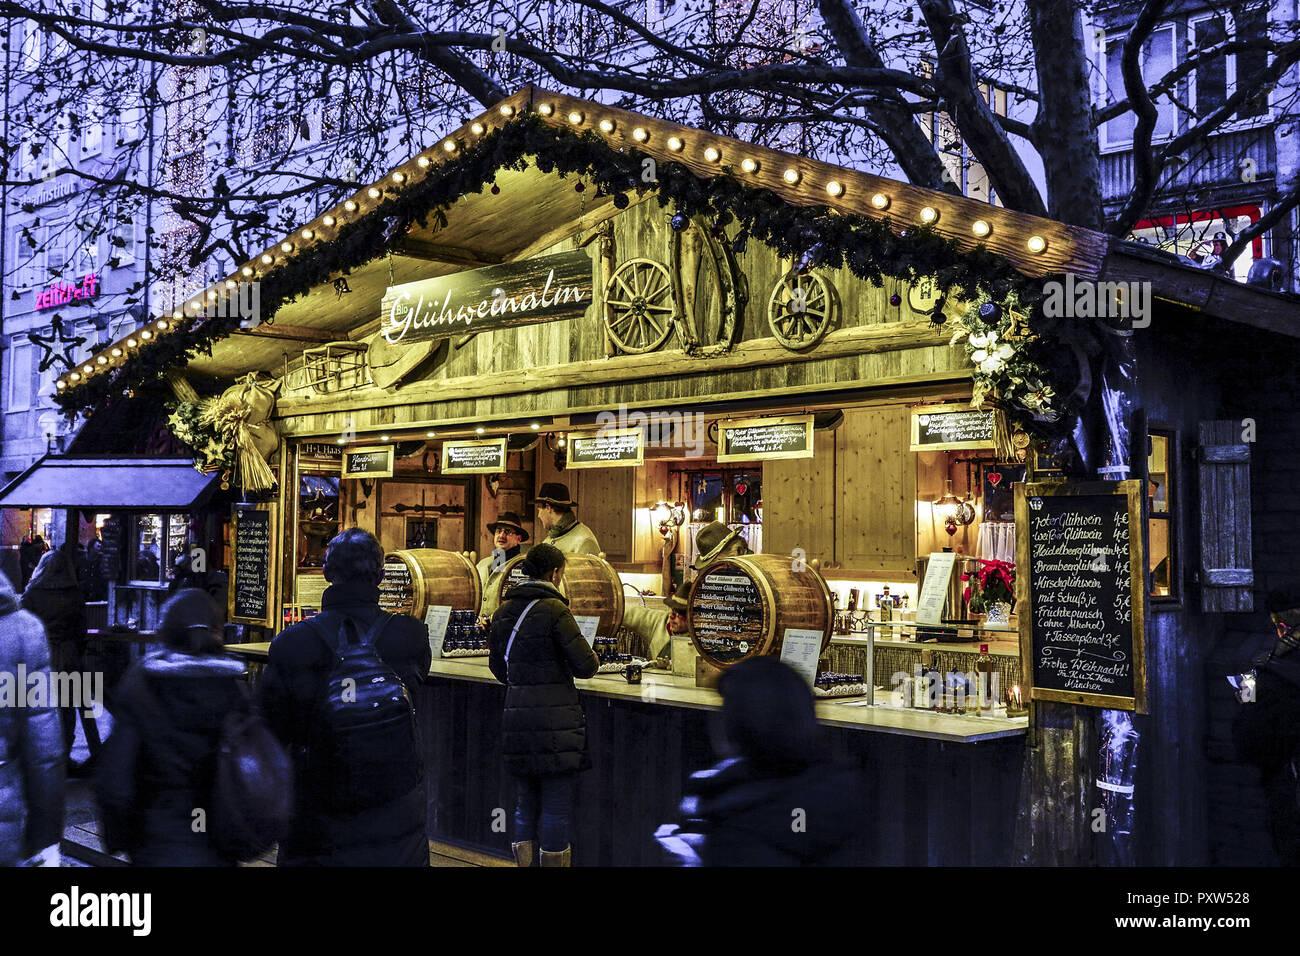 Weihnachtsmarkt L.Weihnachtsmarkt In München Bayern Deutschland Christmas Market In